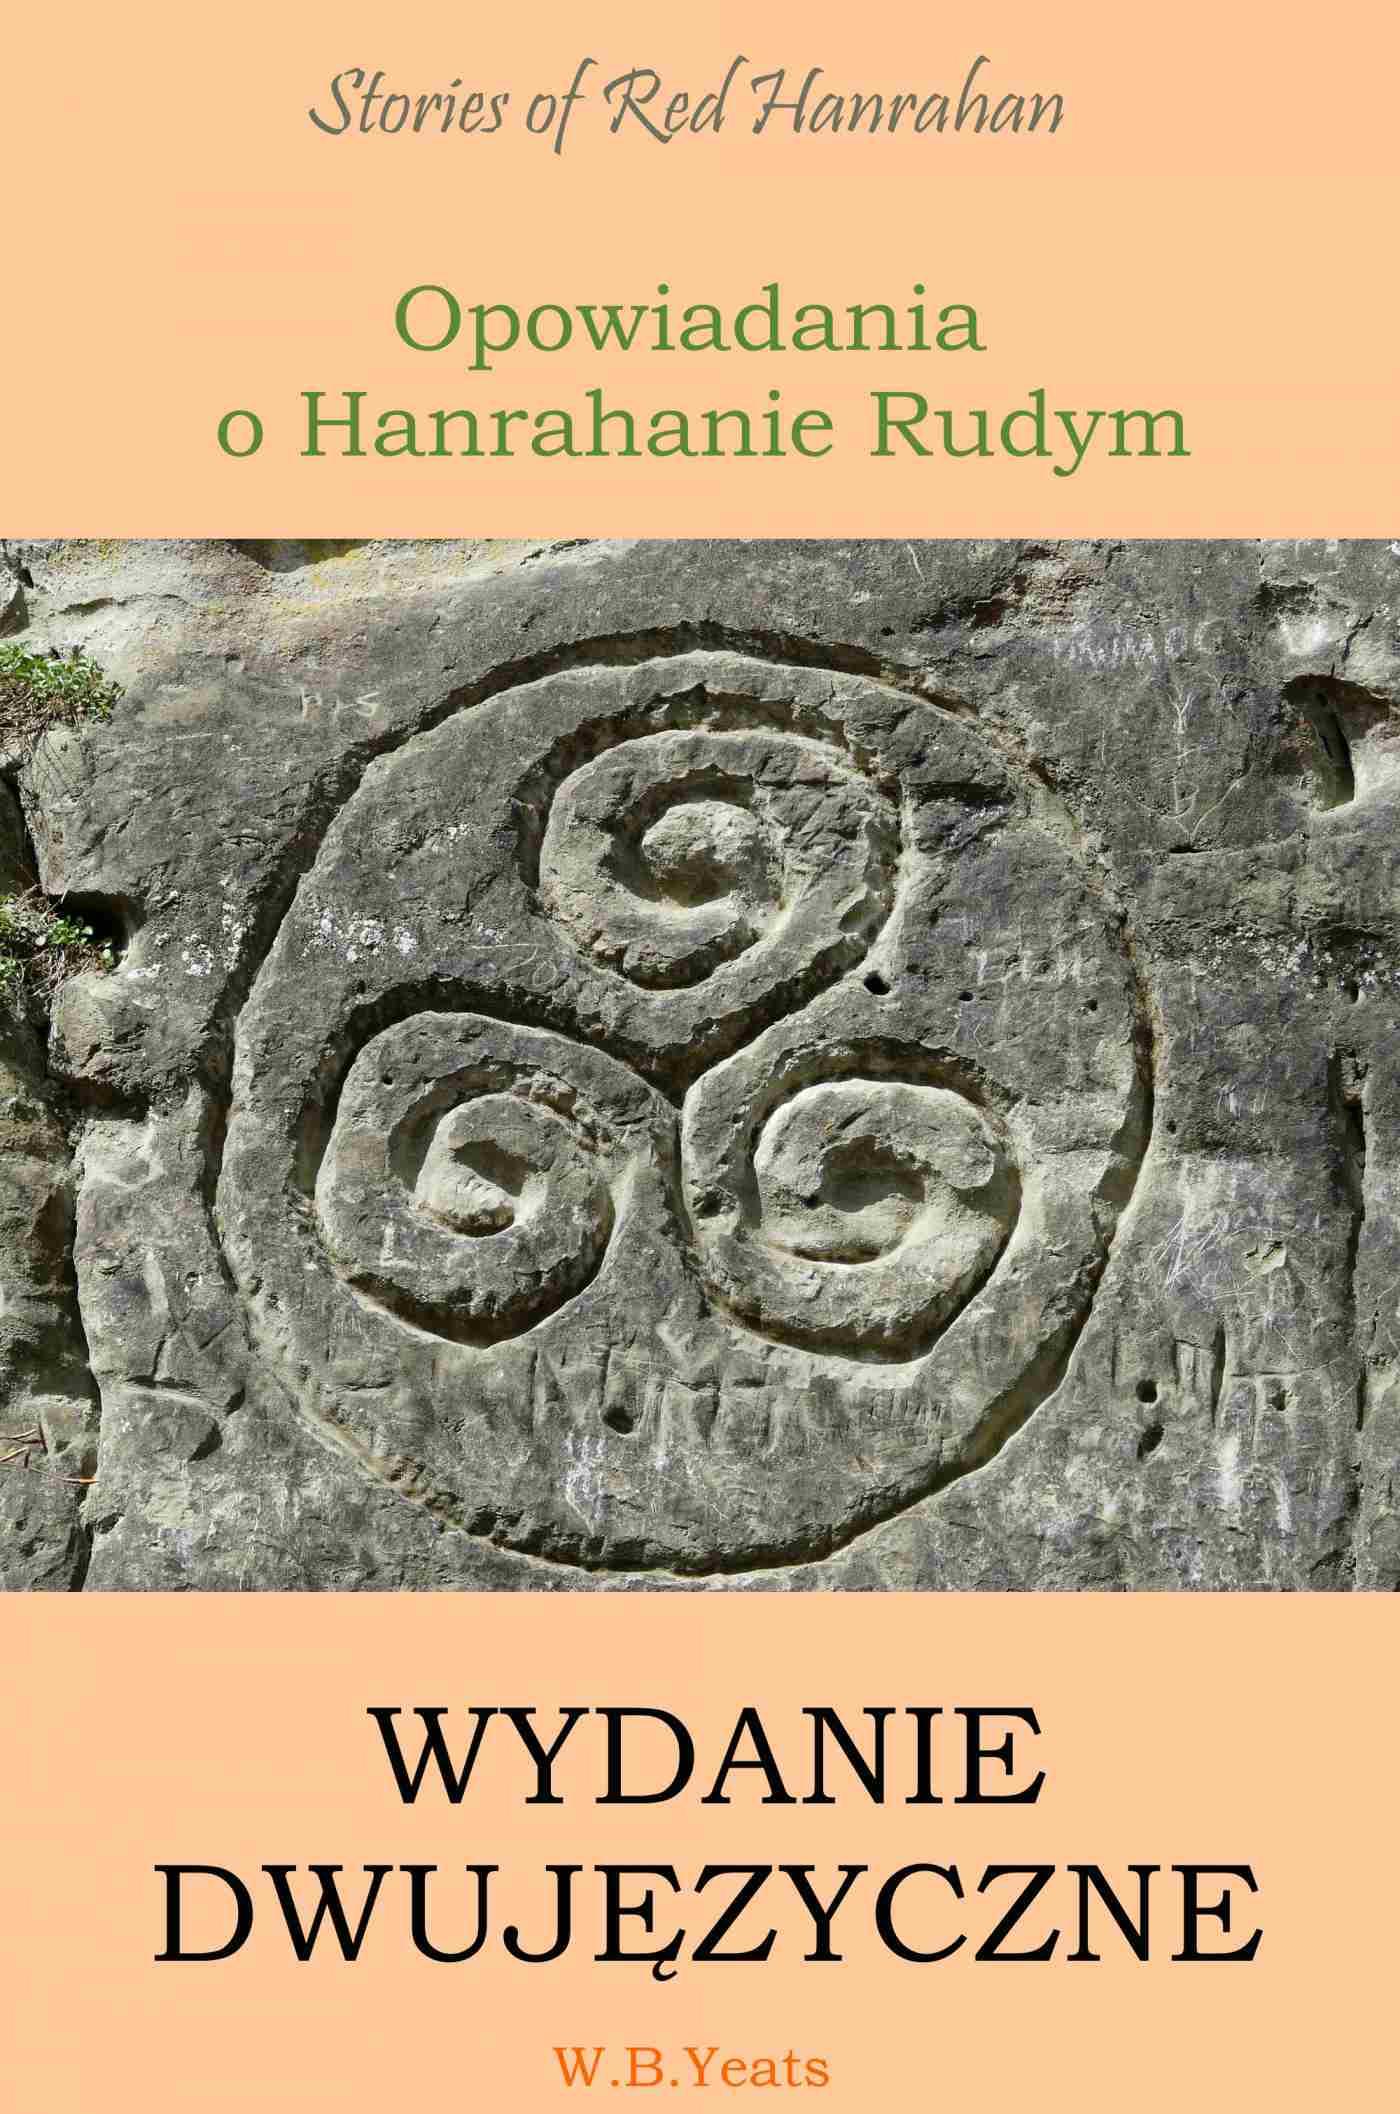 Opowiadania o Hanrahanie Rudym. Wydanie dwujęzyczne angielsko-polskie - Ebook (Książka PDF) do pobrania w formacie PDF